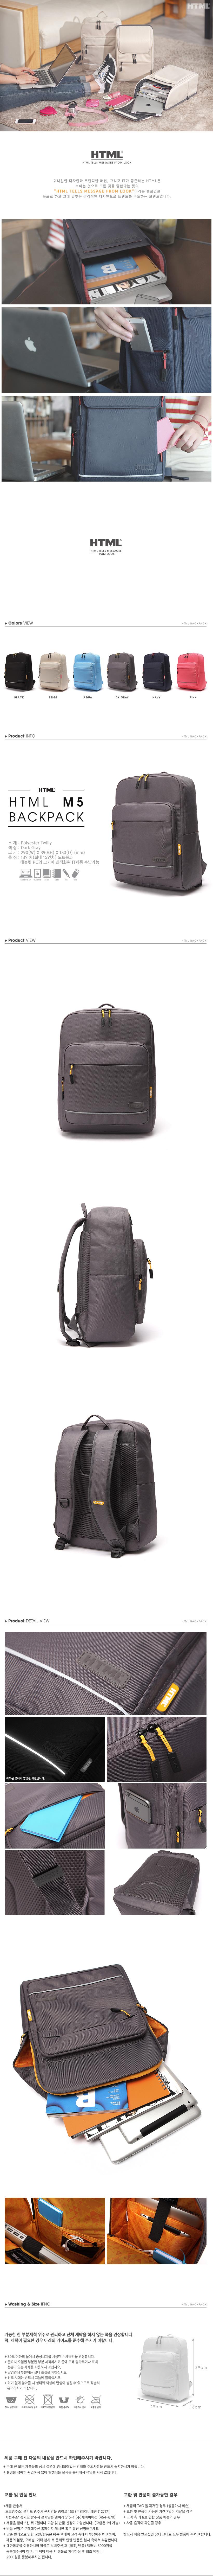 [에이치티엠엘]HTML-M5 (2015) Backpack (DK.GRAY)_데이백 백팩